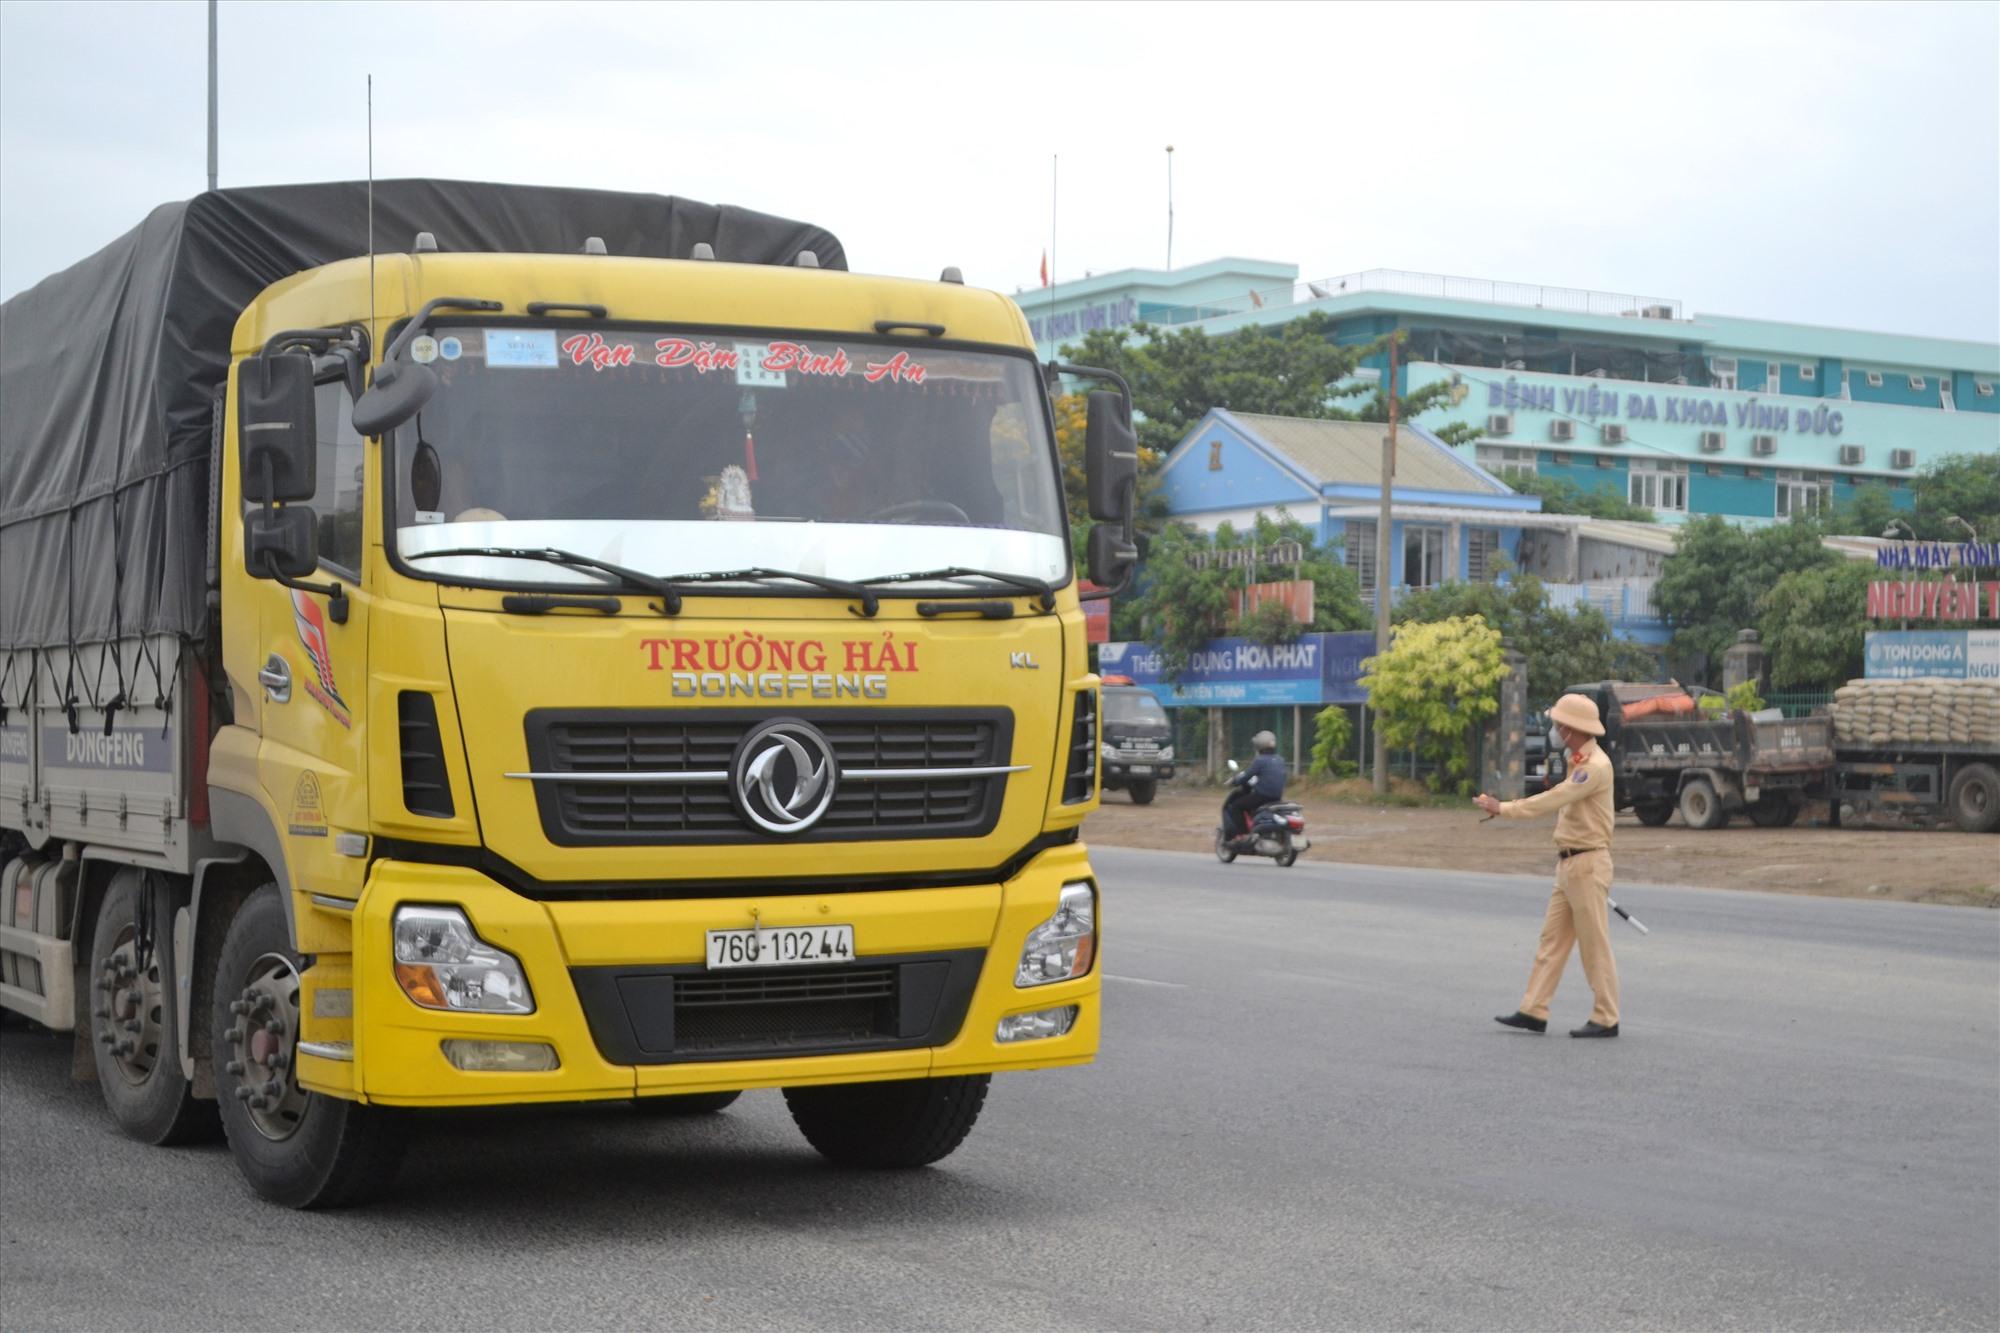 Phòng Cảnh sát giao thông đường bộ-đường sắt Công an tỉnh tuần tra kiểm soát trên quốc lộ 1. Ảnh: CT